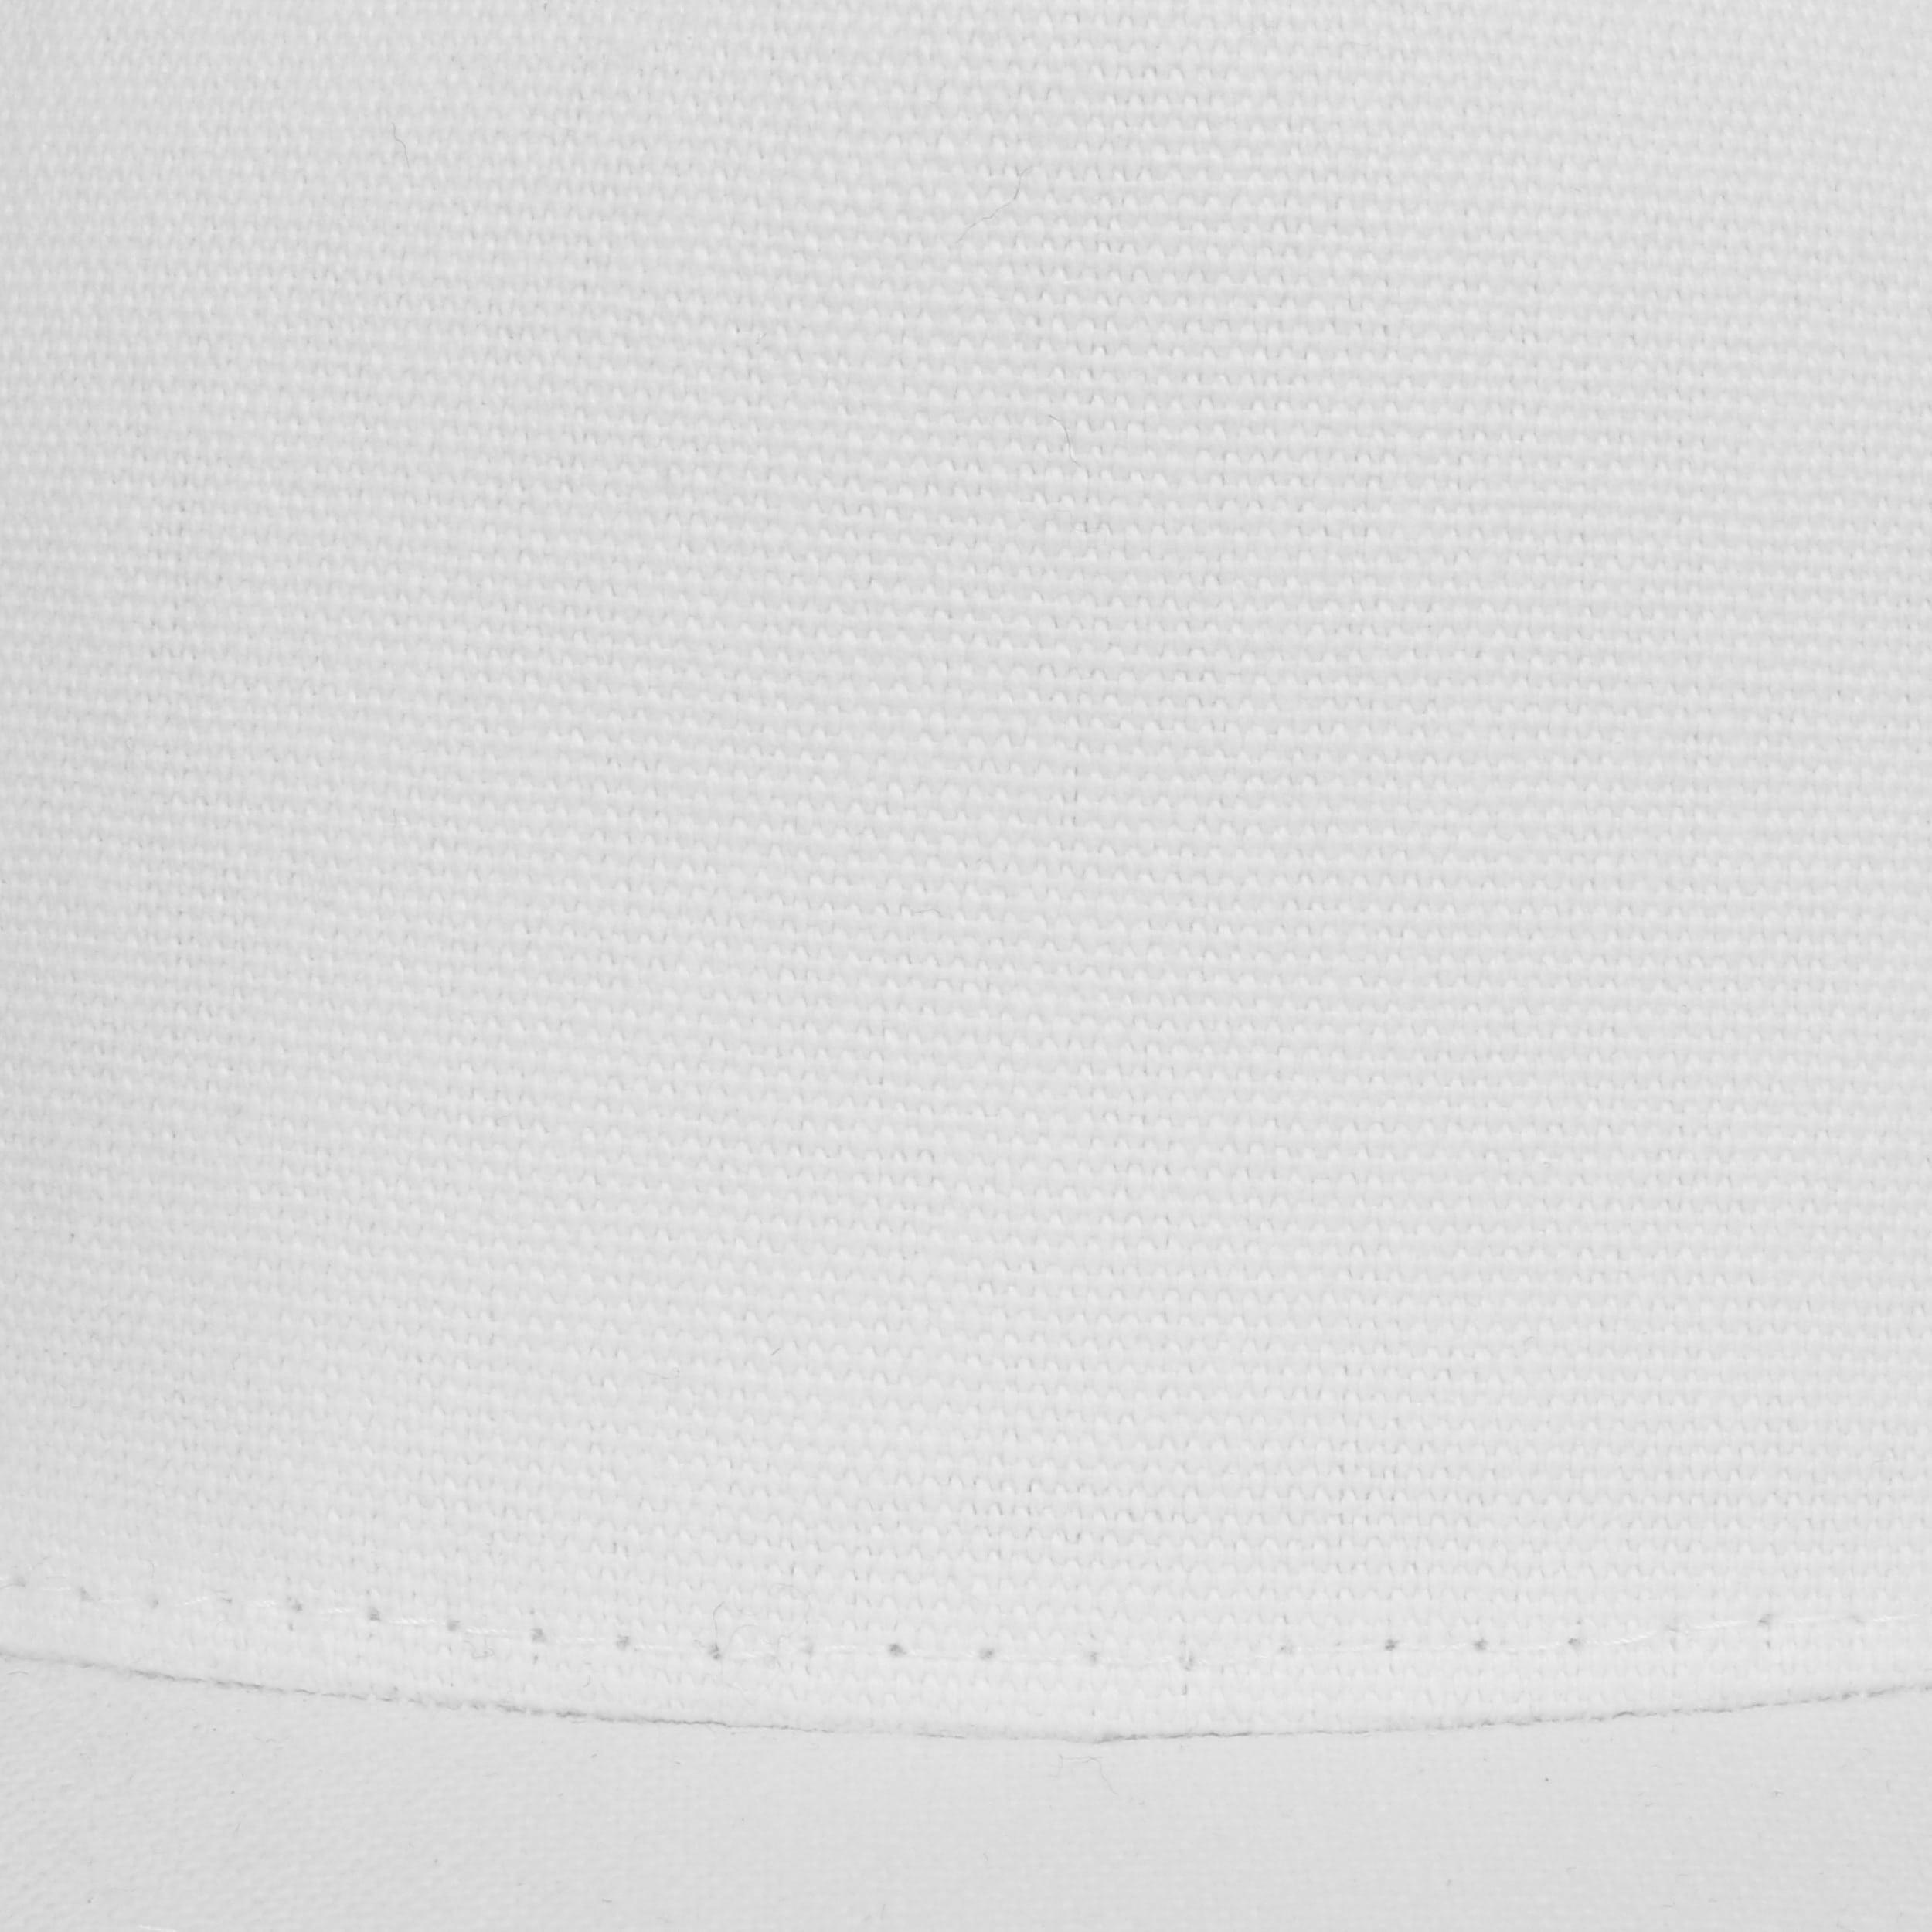 ... AV Starter Snapback Cap by Vans - white 4 ... f71a8977a8f1